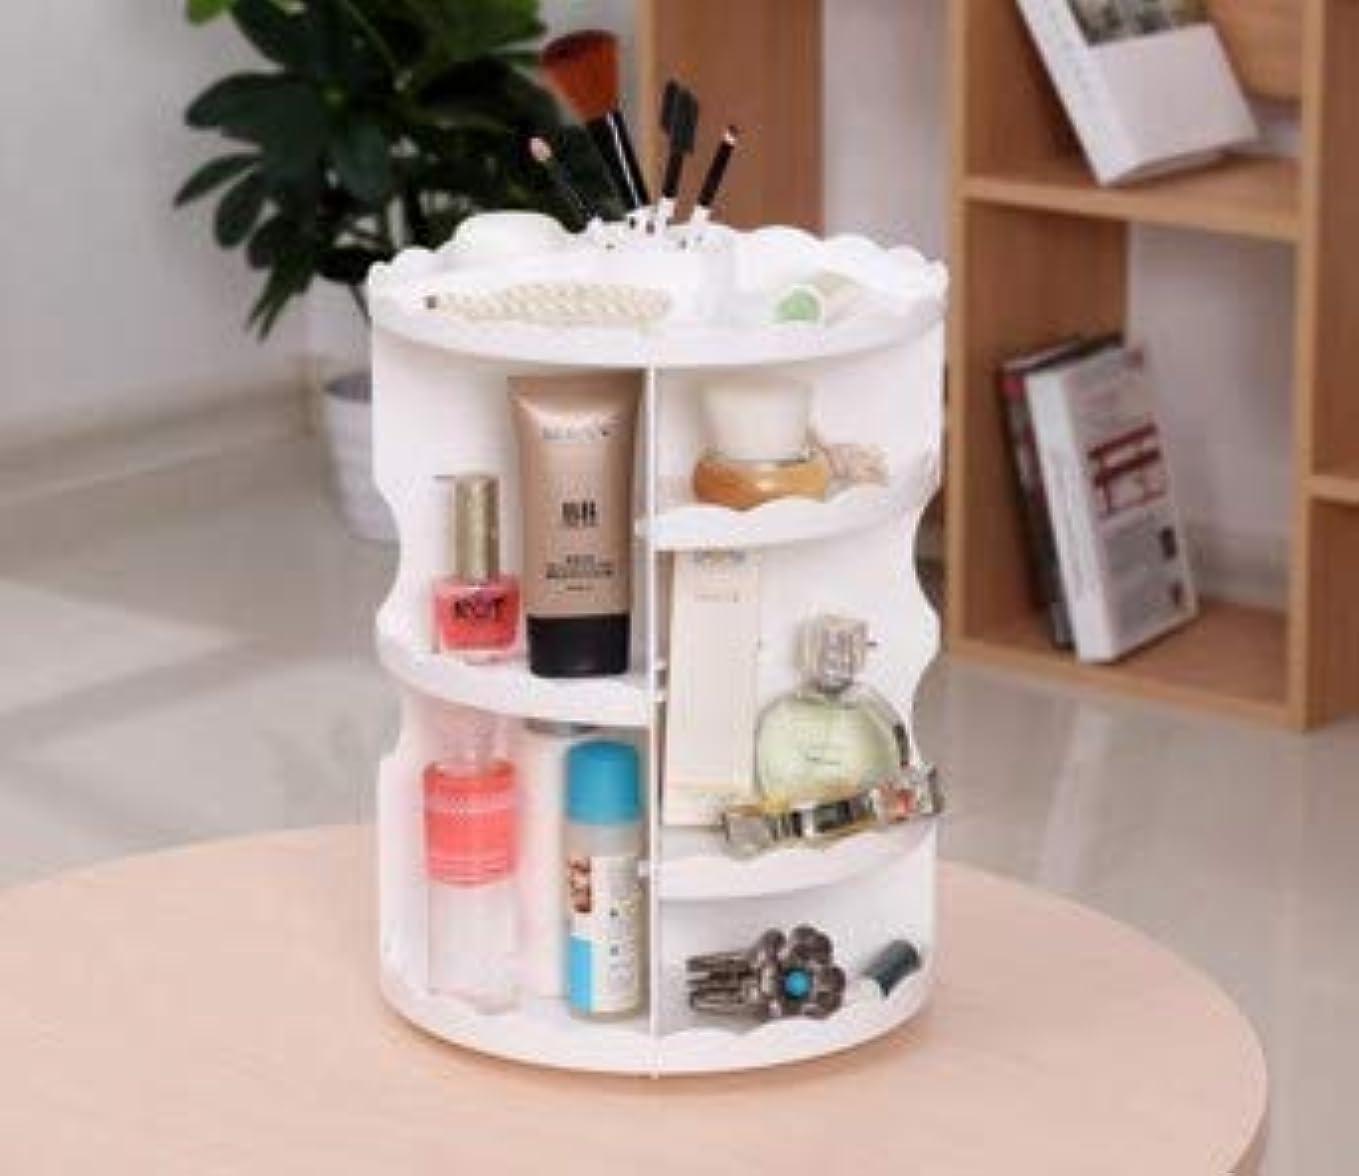 終わり世界記録のギネスブック雑品化粧品収納ボックスプラスチックデスクトップクリエイティブ家庭用化粧台仕上げ回転化粧品収納ラック (Color : ホワイト)